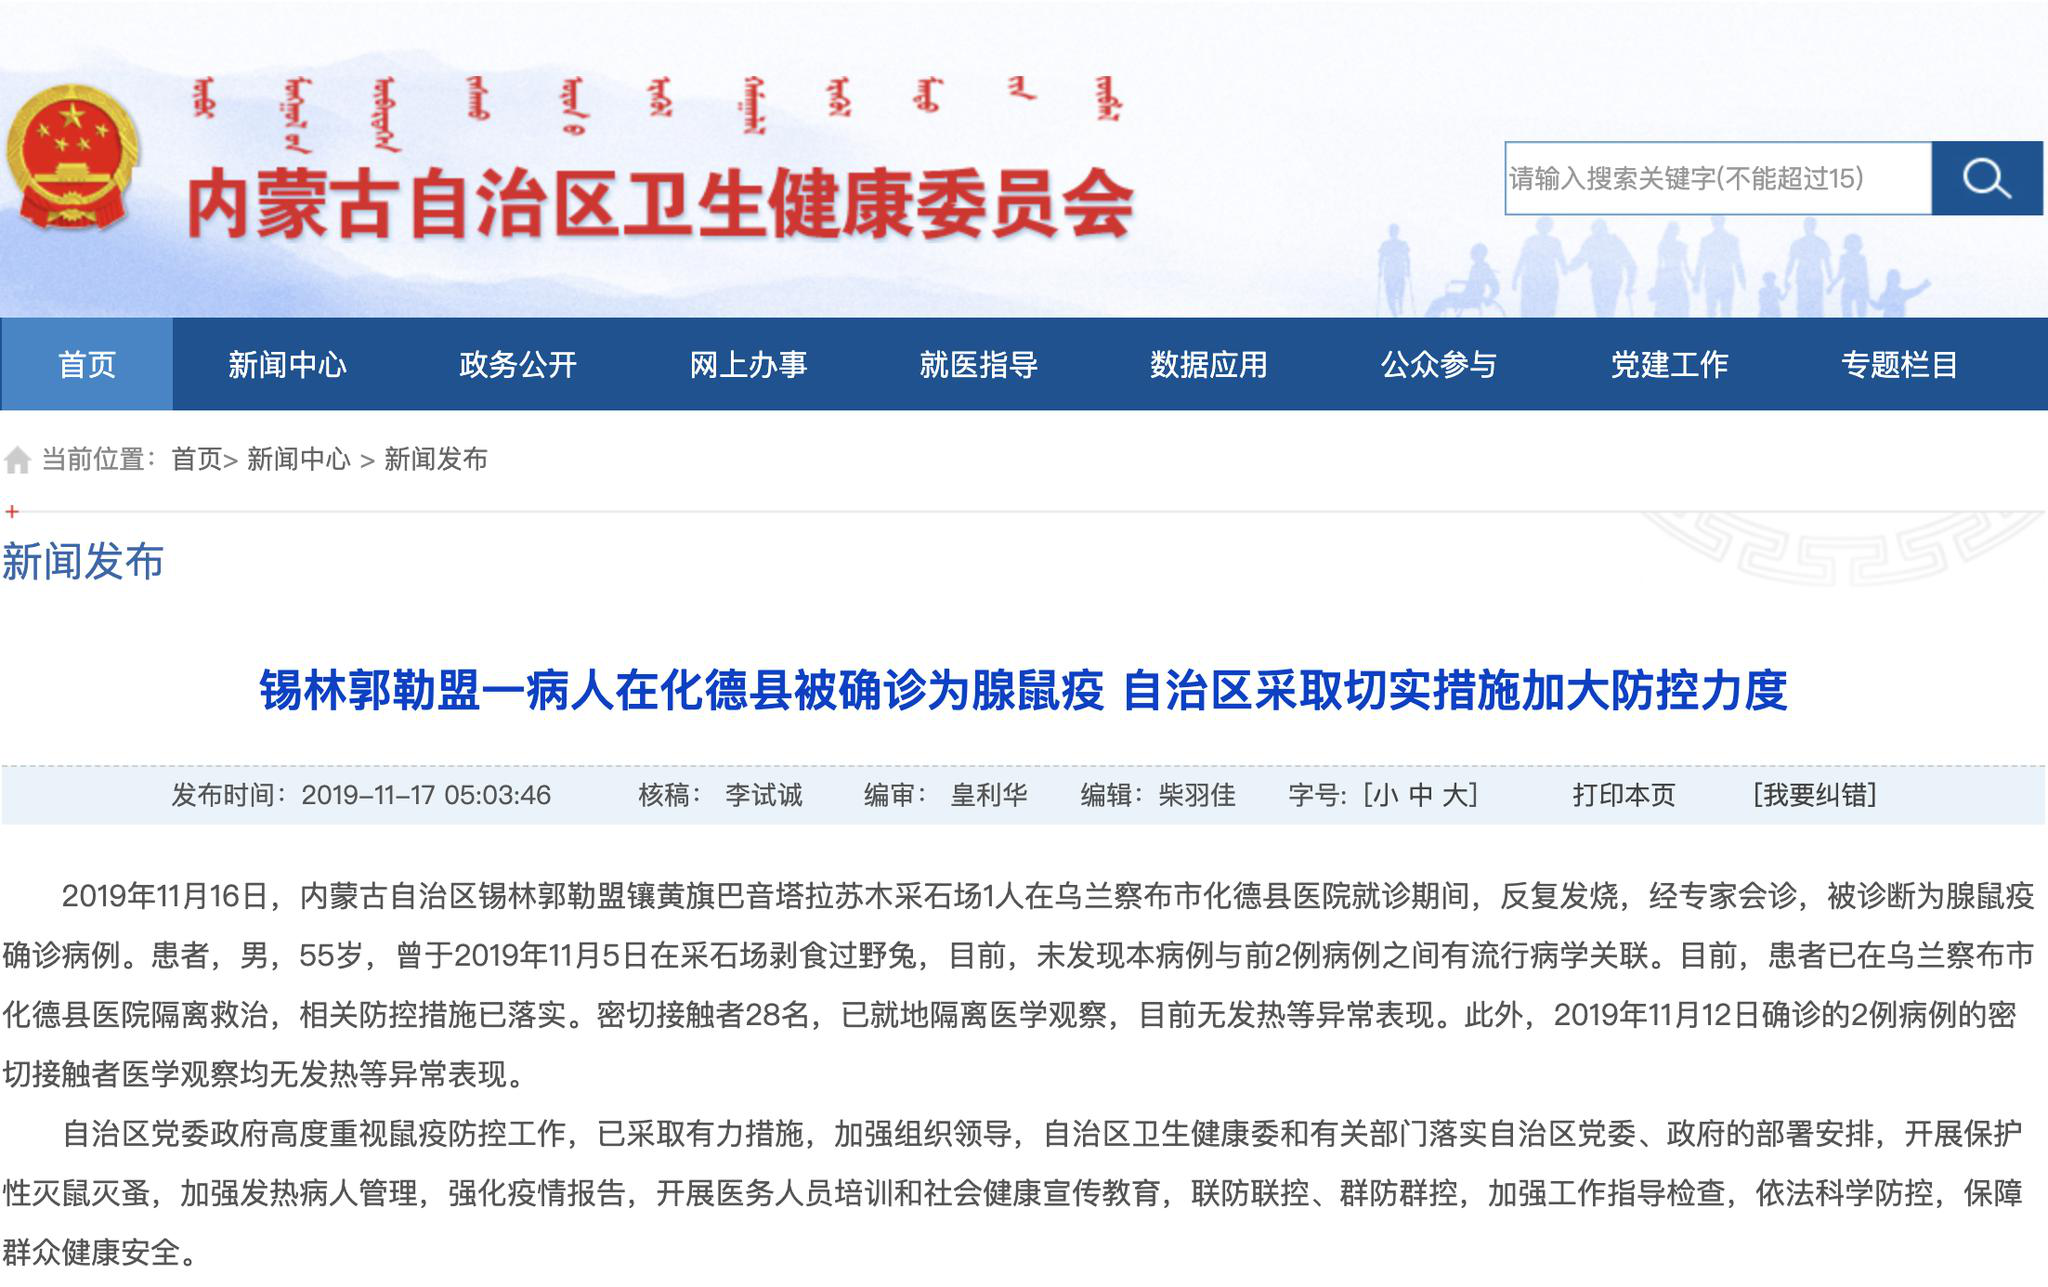 内蒙古自治区卫健委:锡林郭勒盟一病人被确诊为腺鼠疫